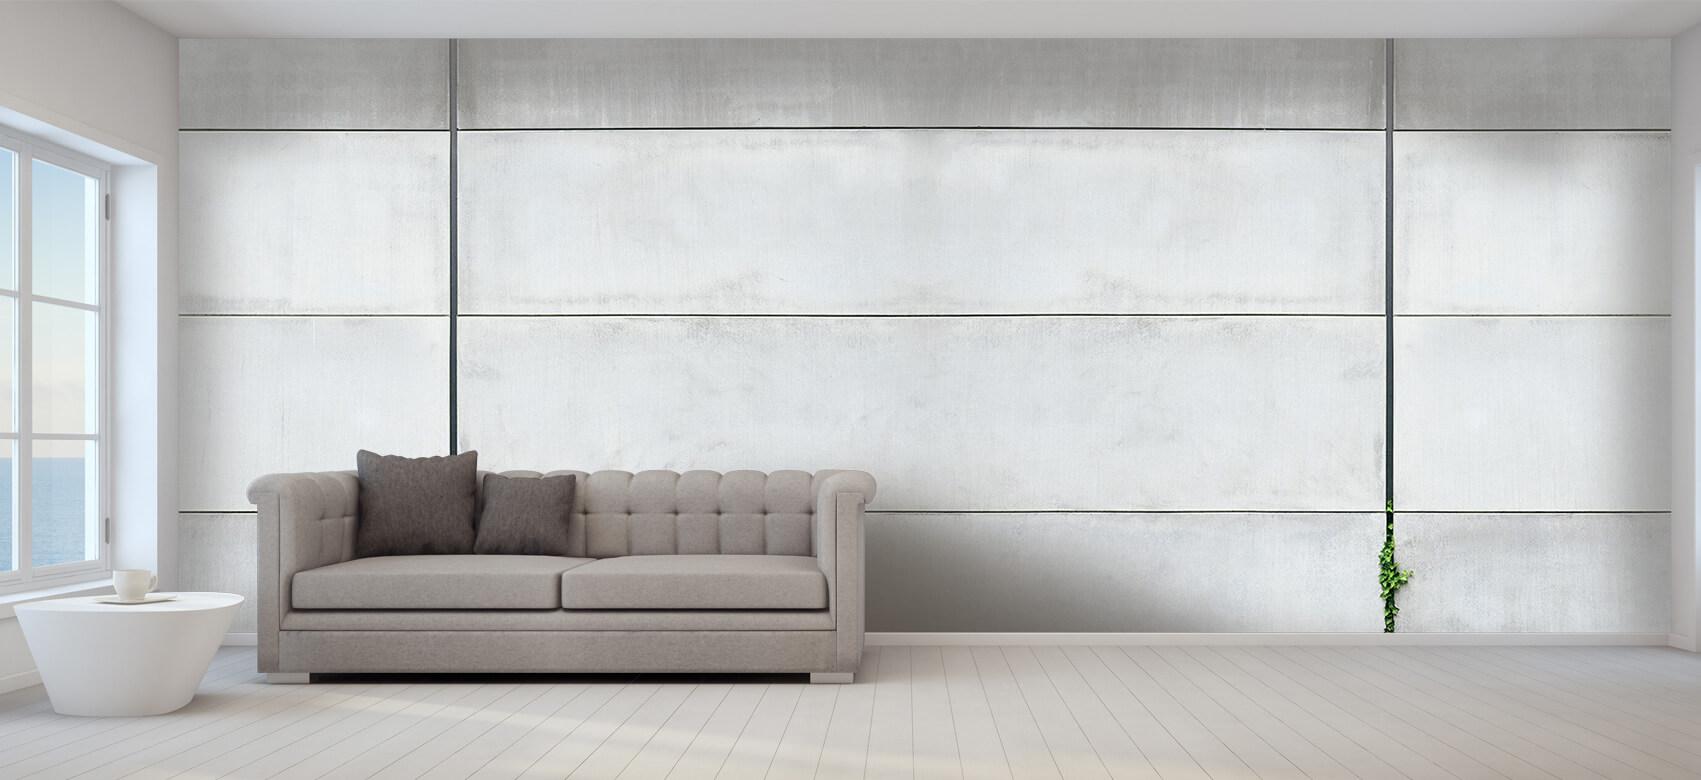 Betonlook behang - Panorama betonnen muur - Wallexclusive - Ontvangstruimte 6